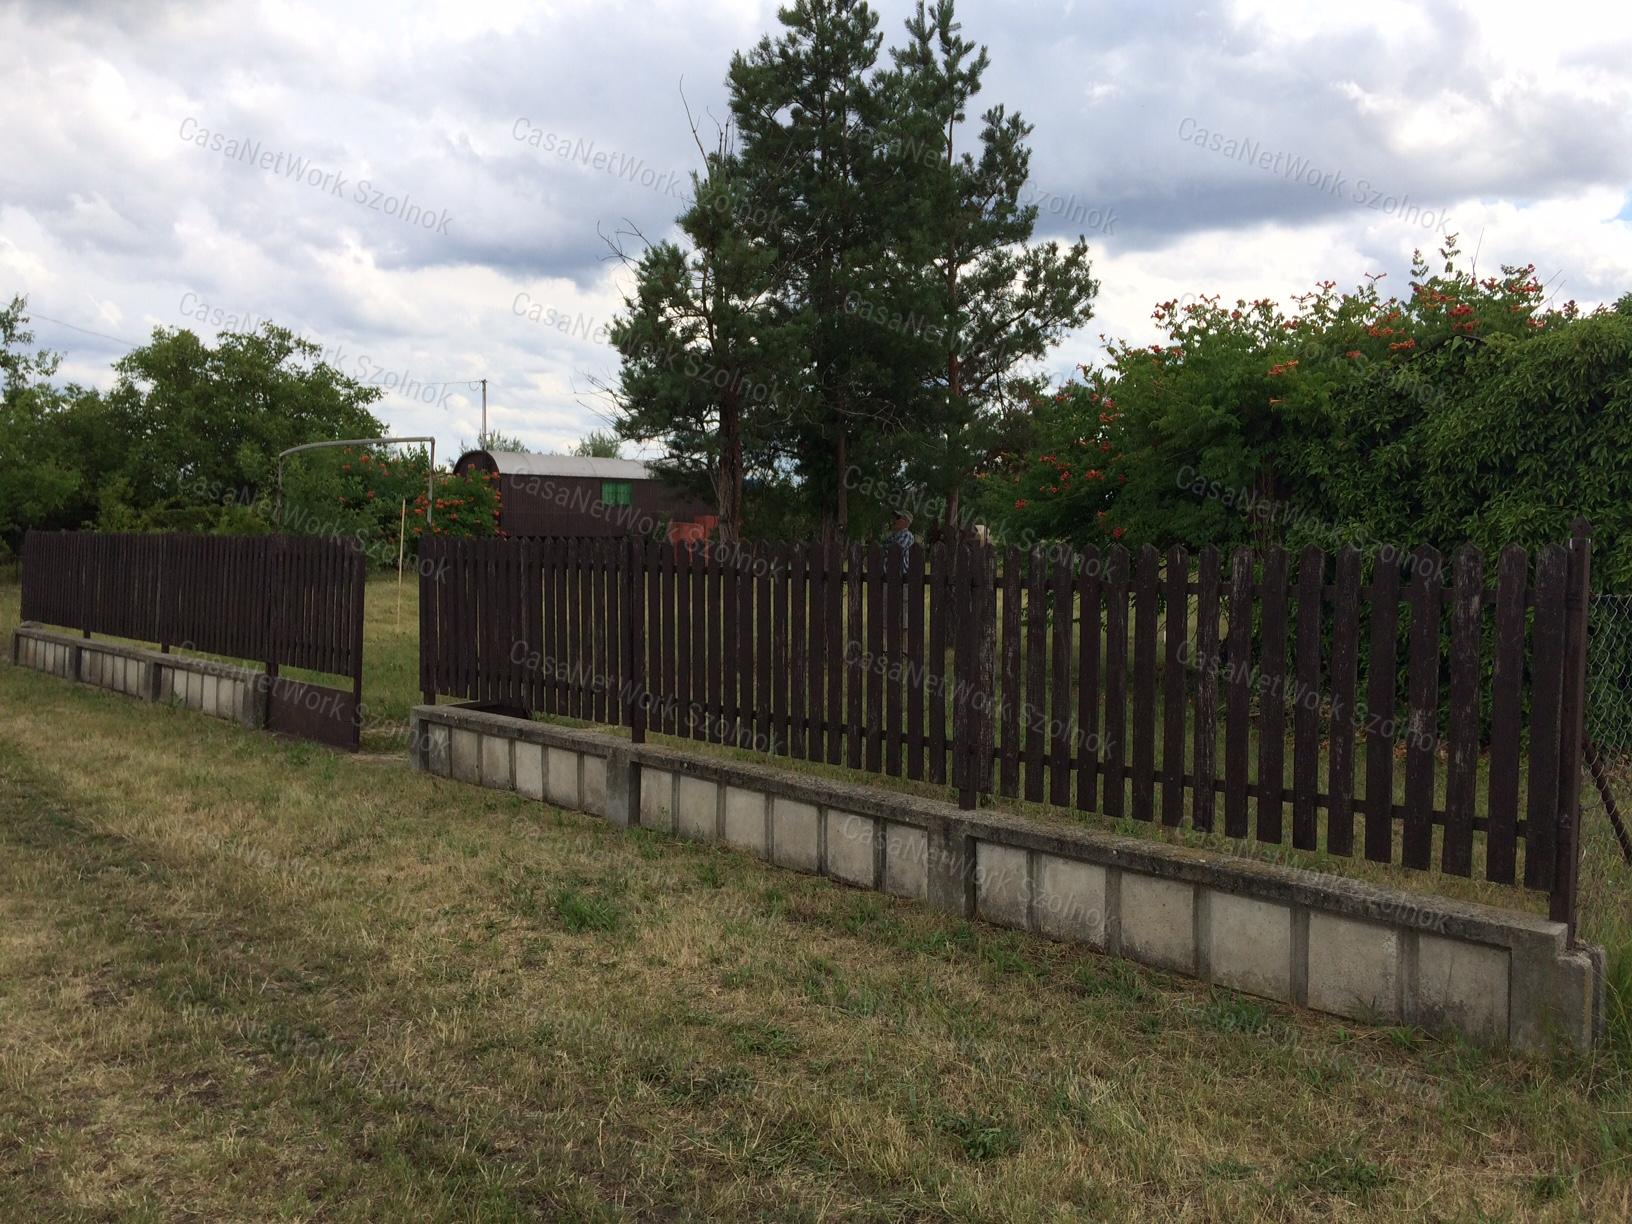 Eladó zártkert, Jász-Nagykun-Szolnok megye, Tószeg - sz.: 155802425 - CasaNetWork.hu